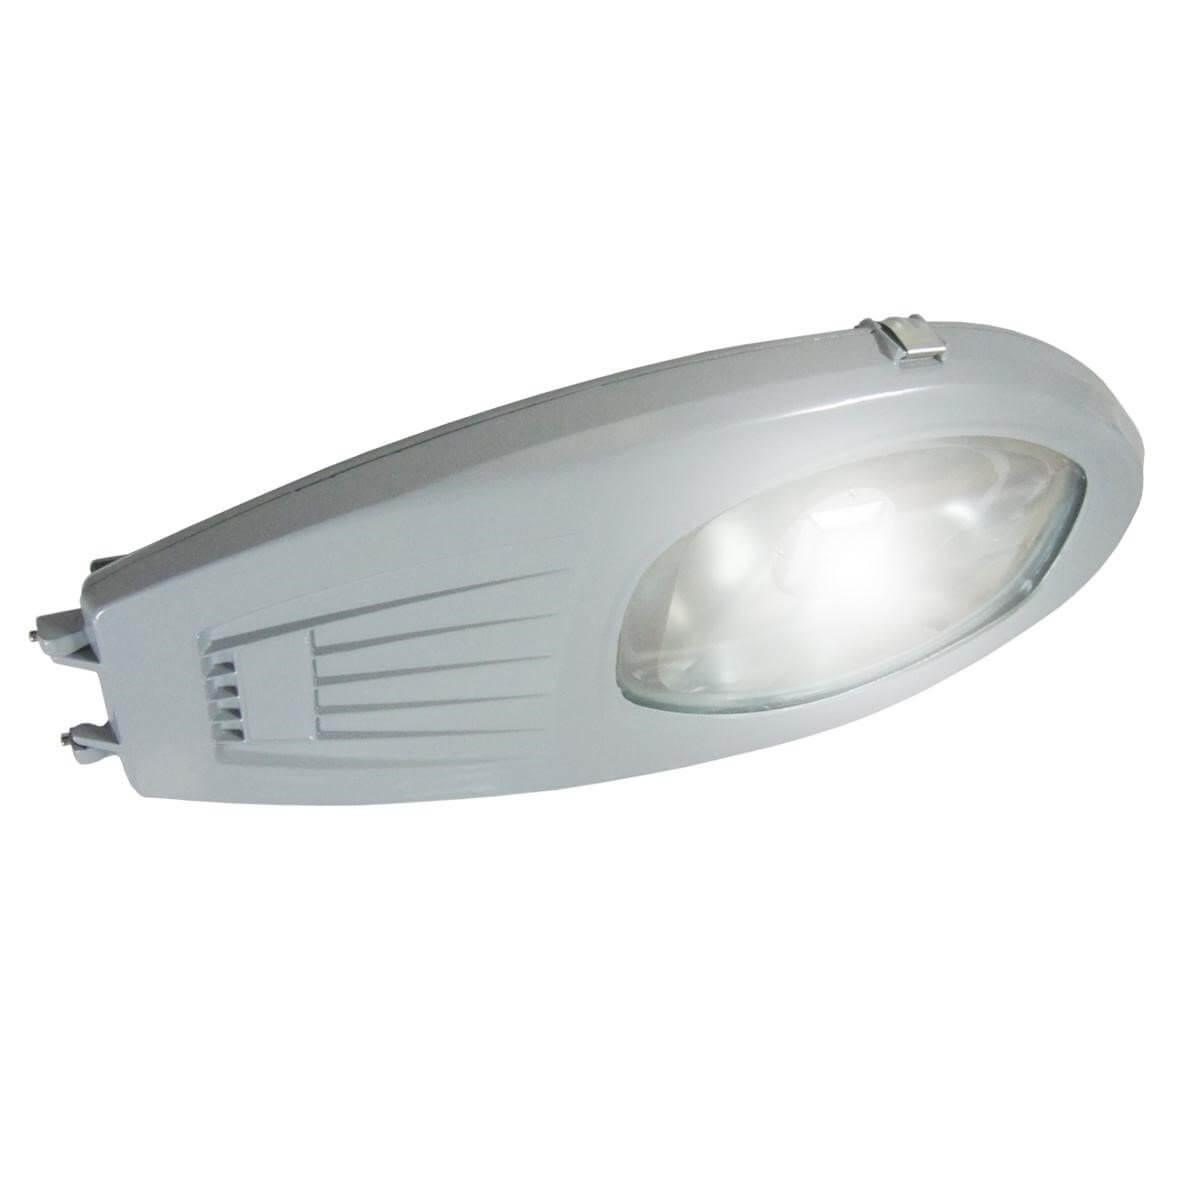 Vì lợi nhuận nên nhiều đơn vị sản xuất đèn kém chất lượng với giá bán thấp.